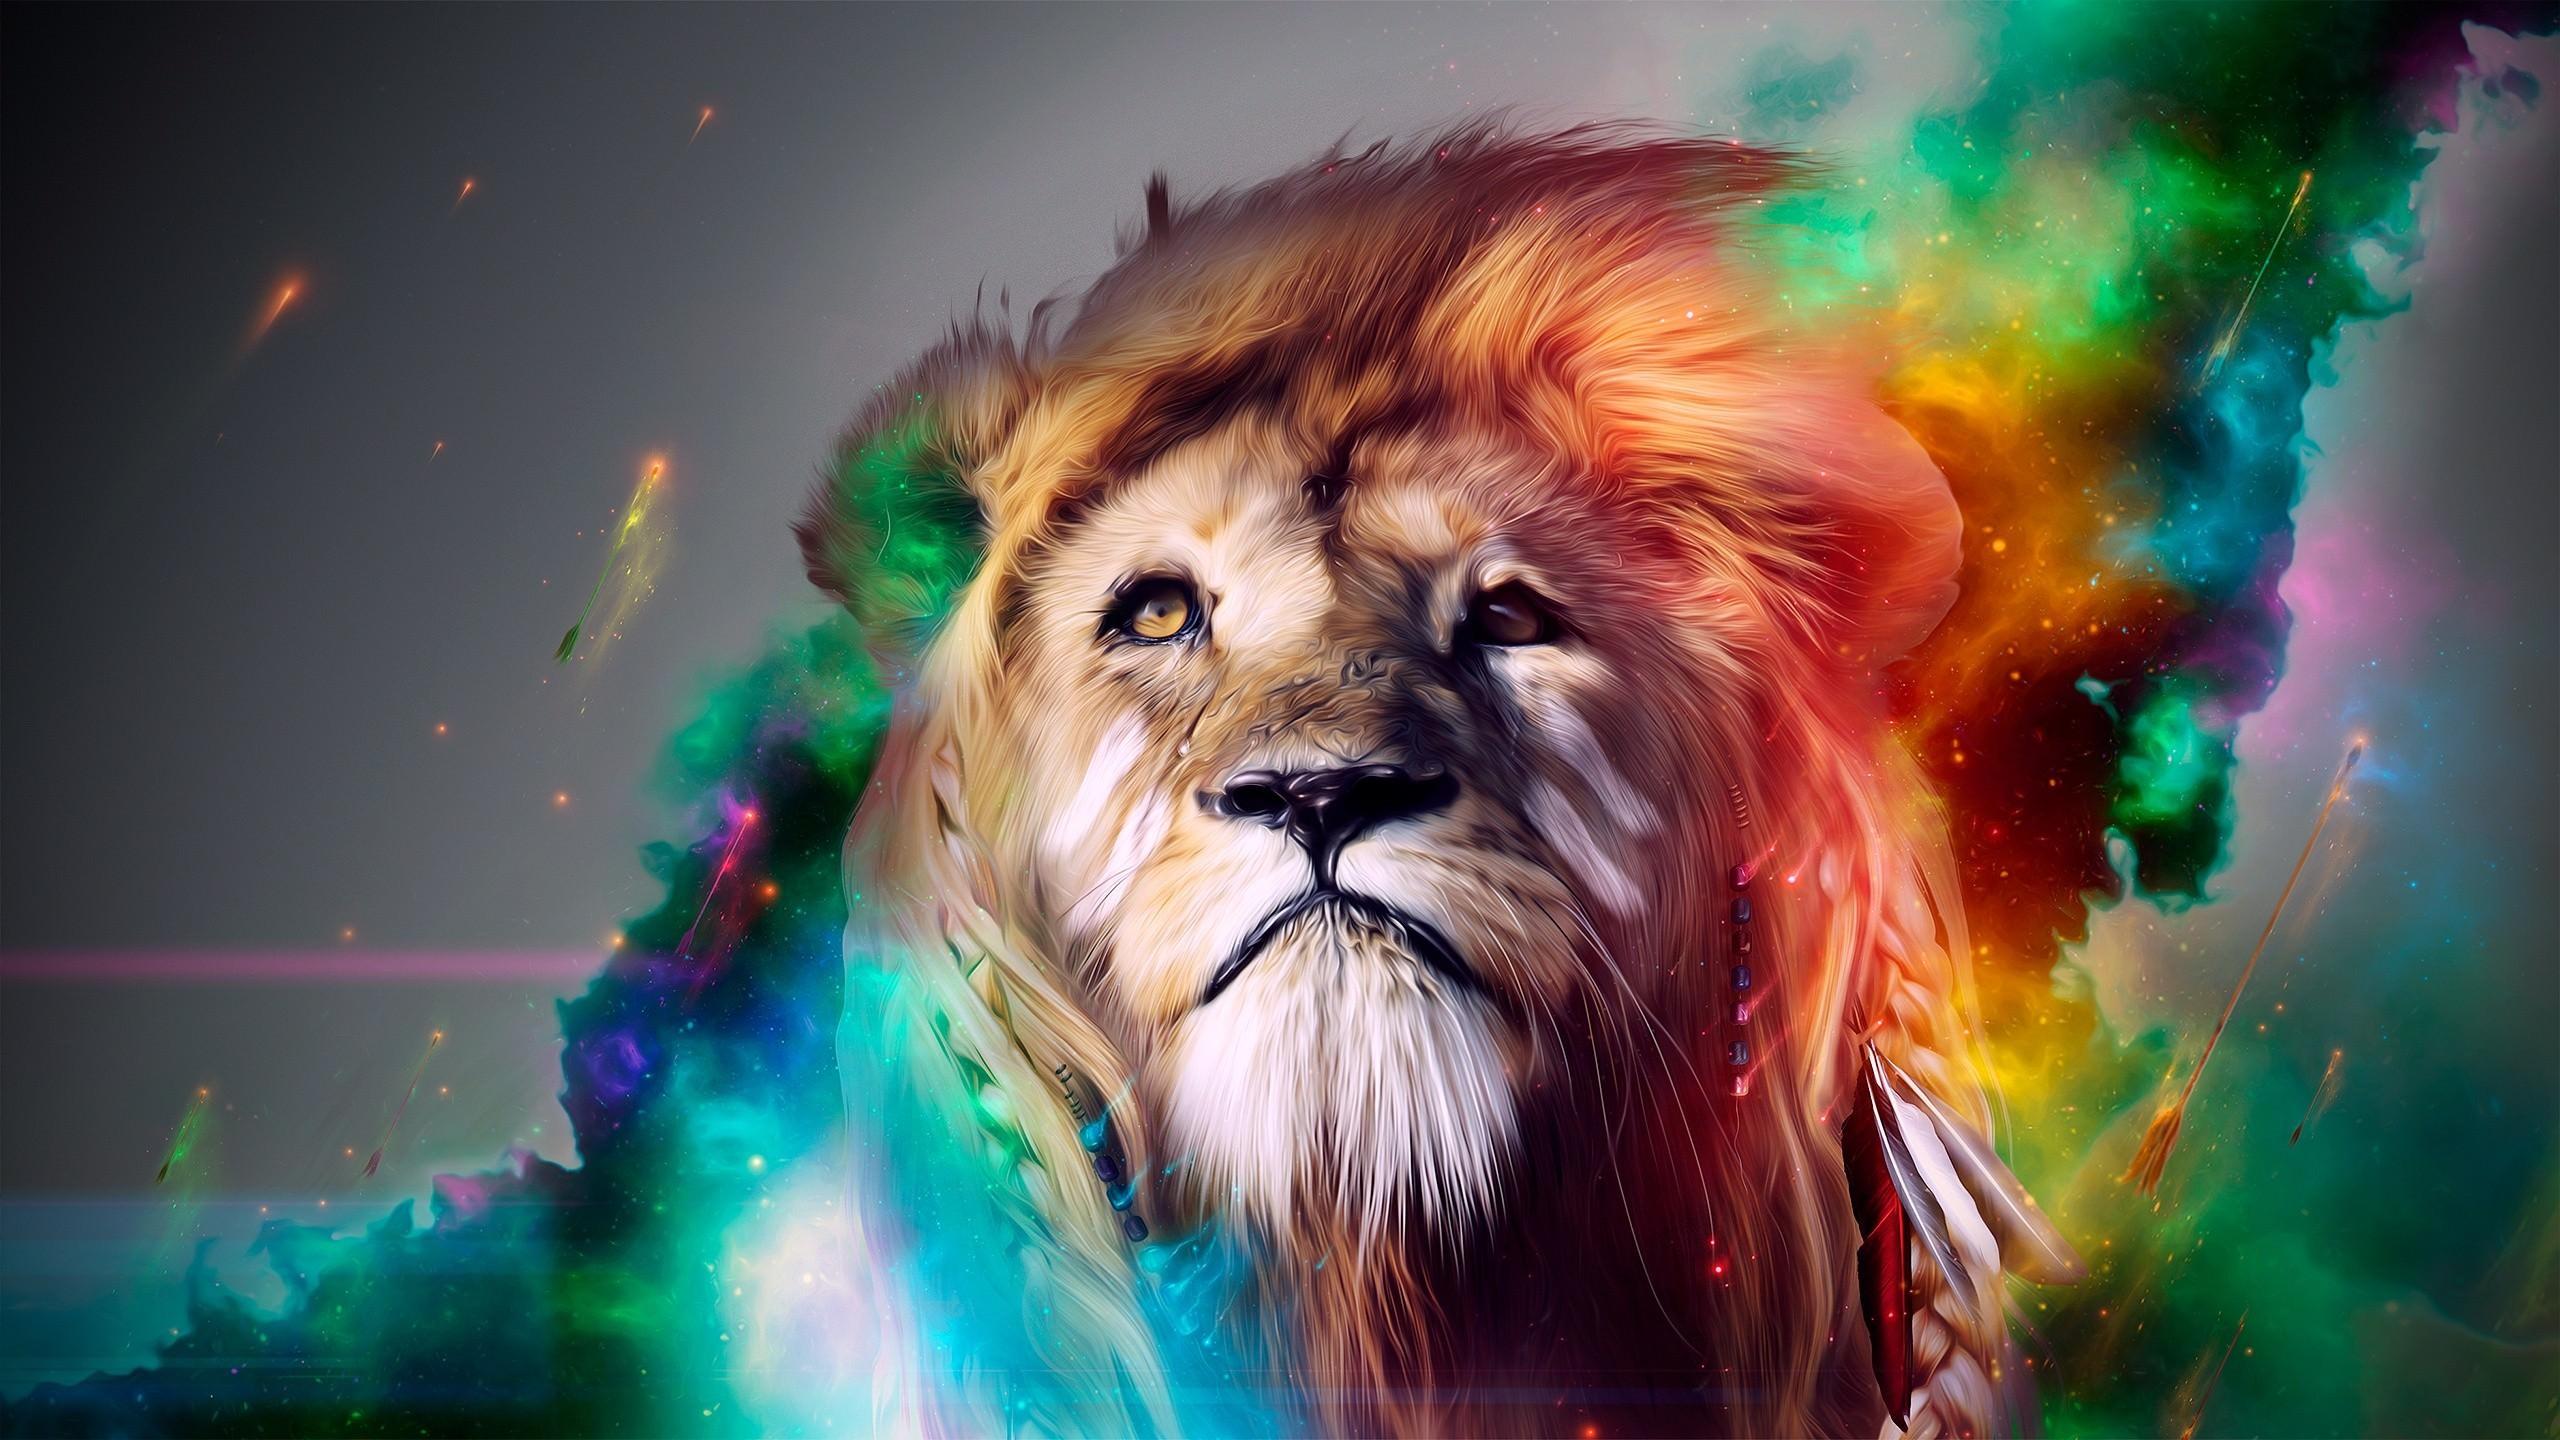 Colorful Lion Wallpaper